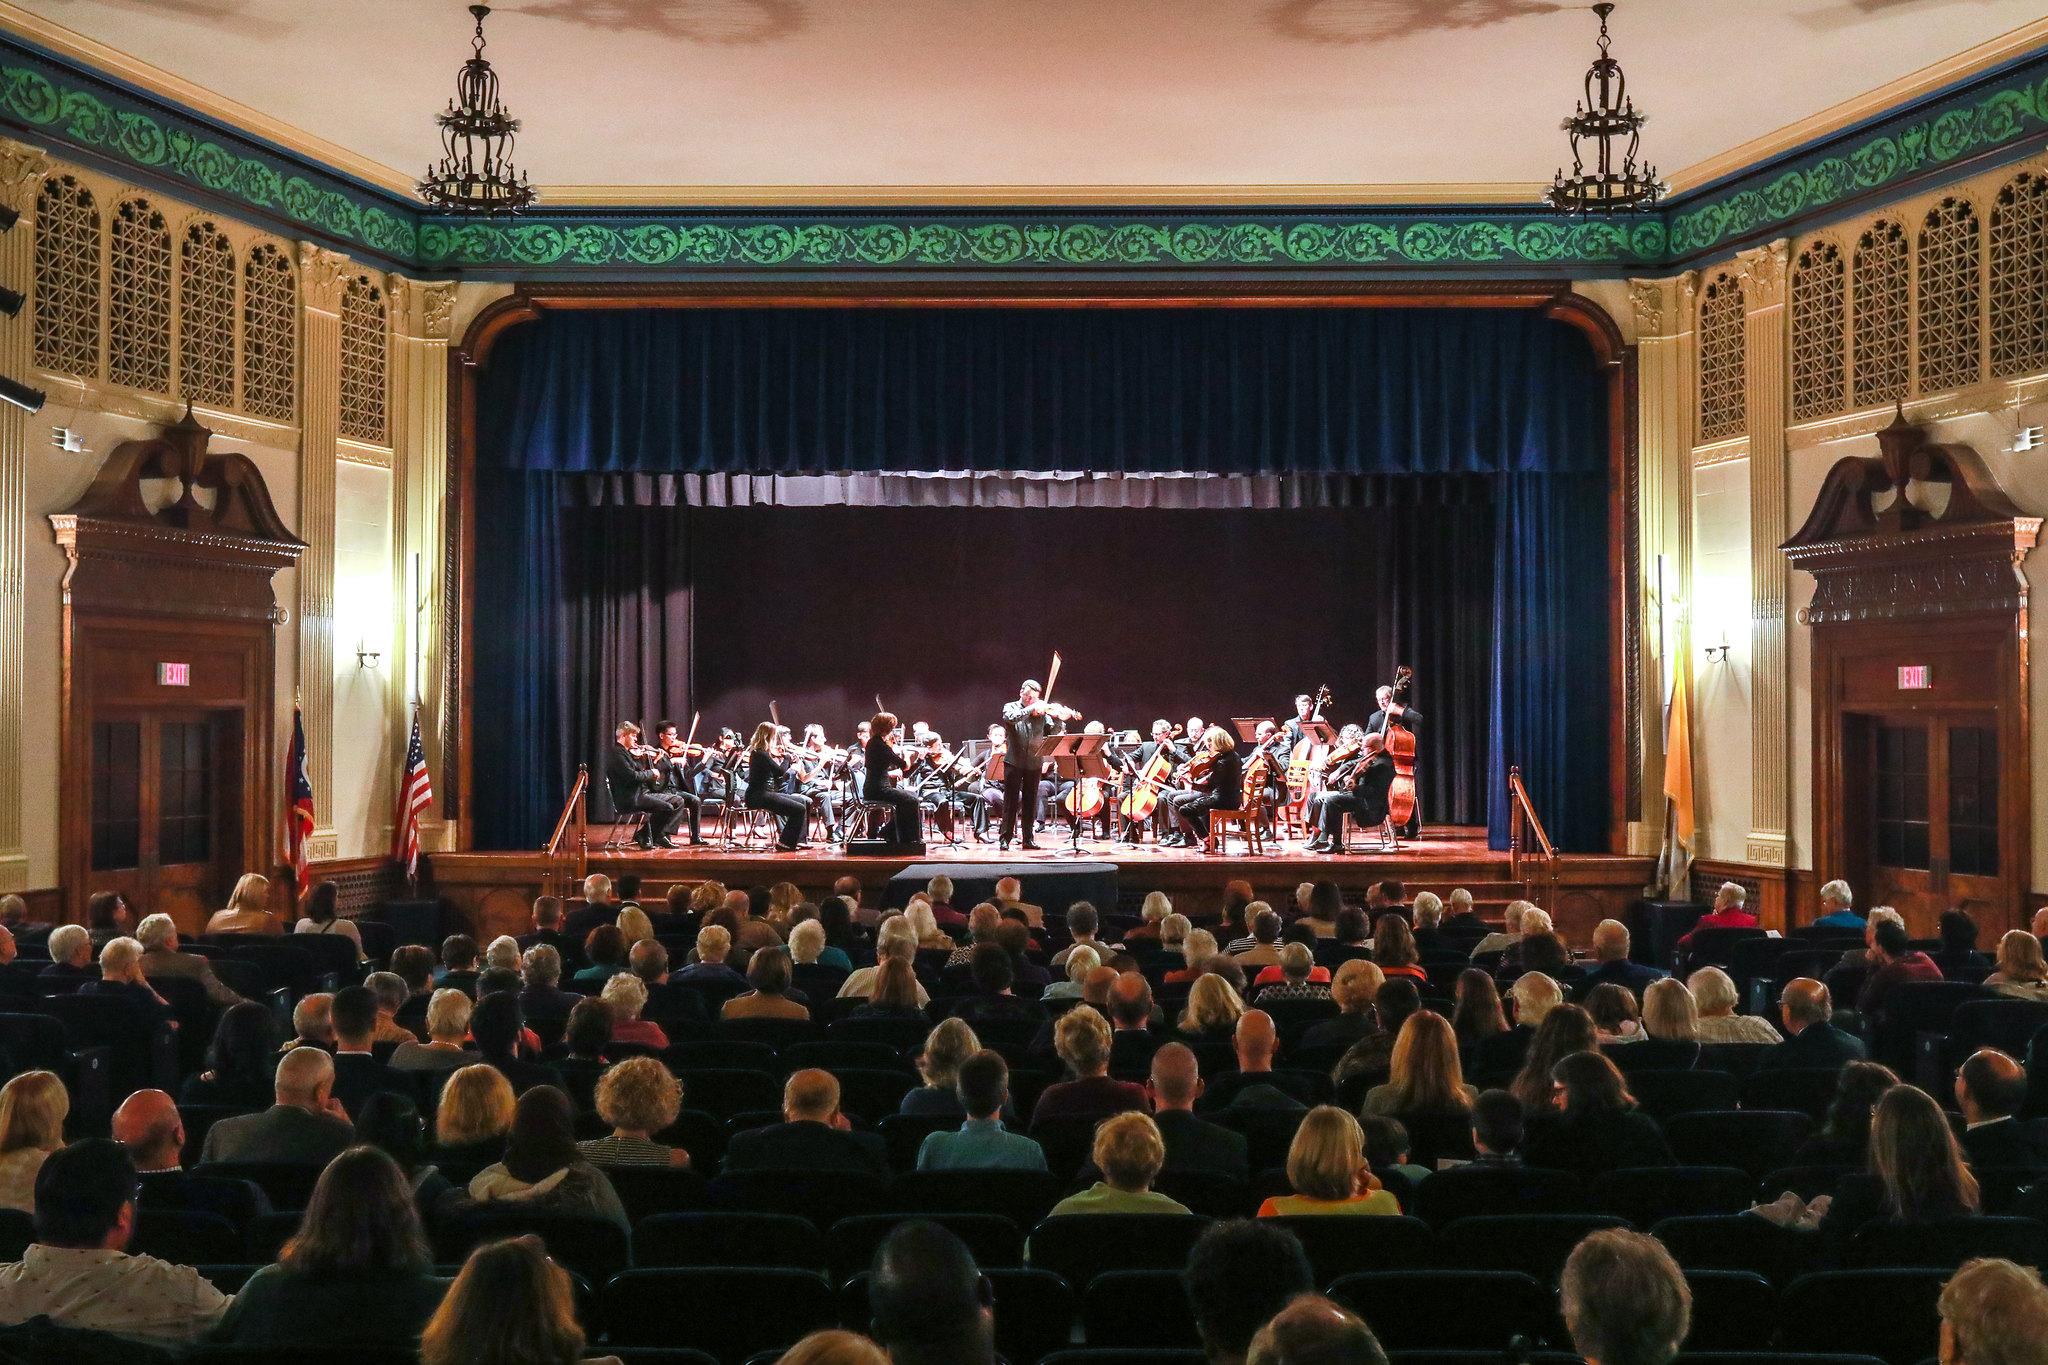 ProMusica at the Matesich Theatre